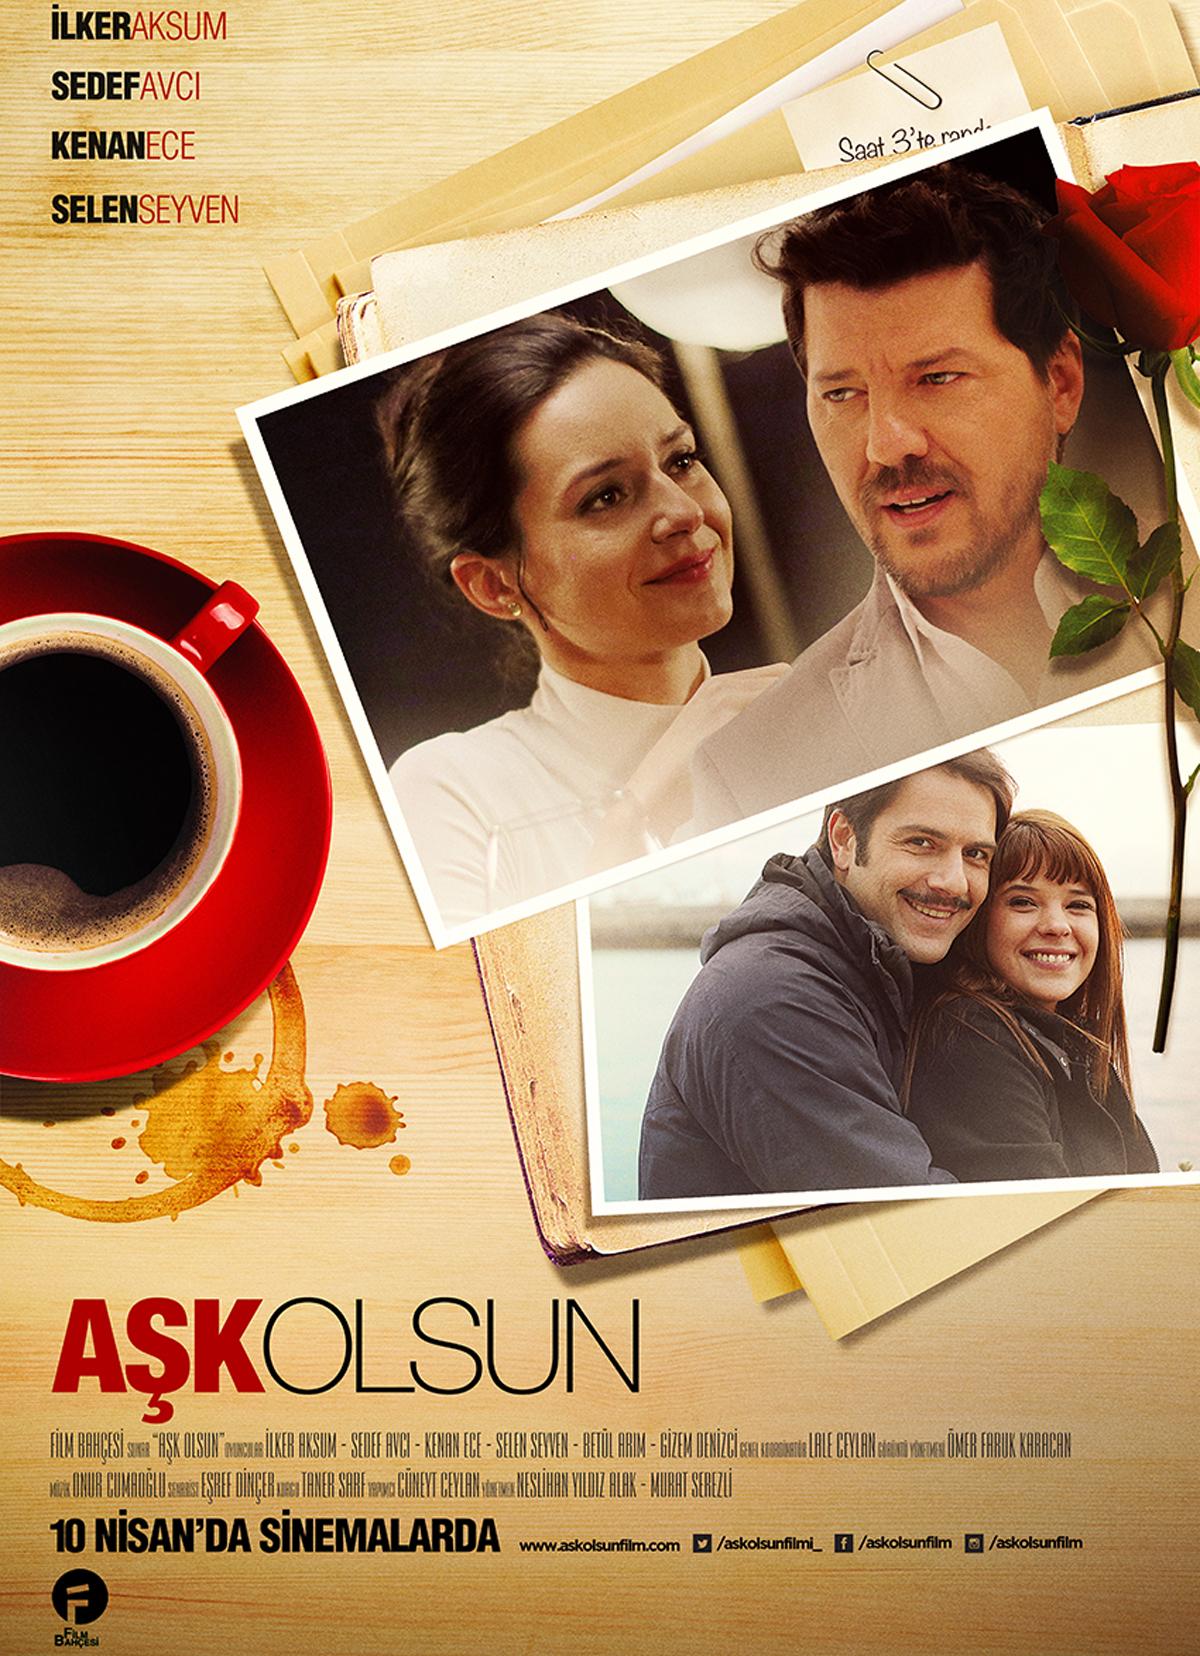 Aşk Olsun Film 2015 Beyazperdecom